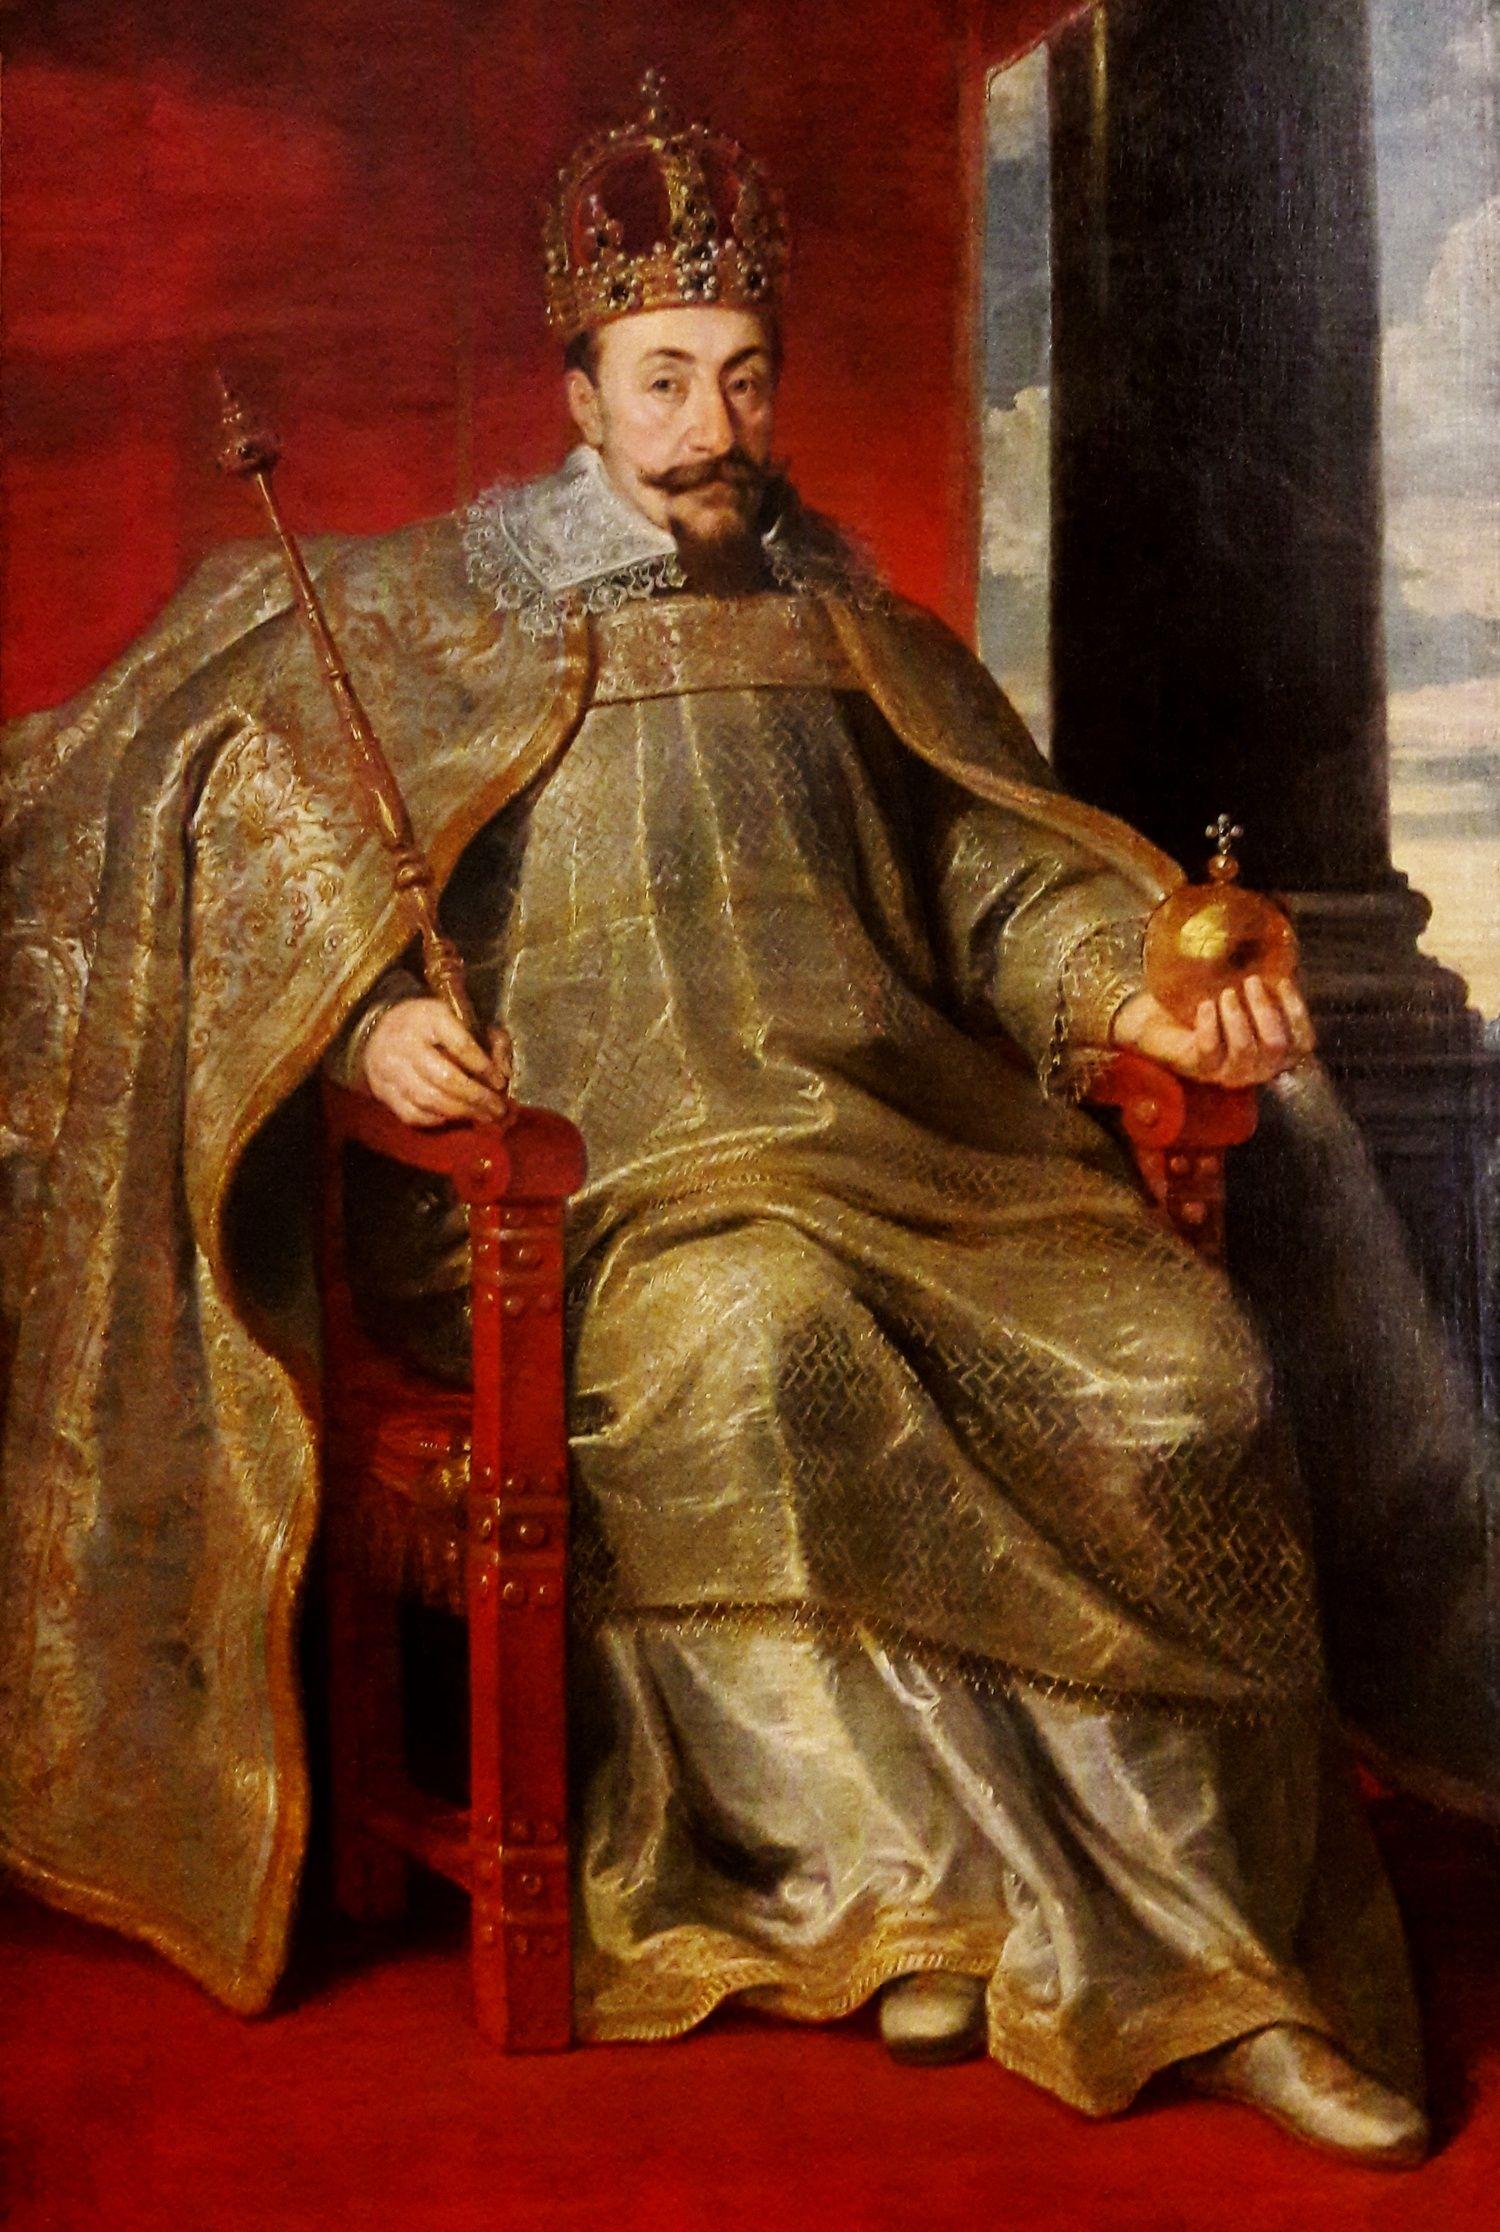 Zygmunt III Waza wypowiadając wojnę Moskwie liczył na doprowadzenie do polsko-rosyjskiej unii personalnej.